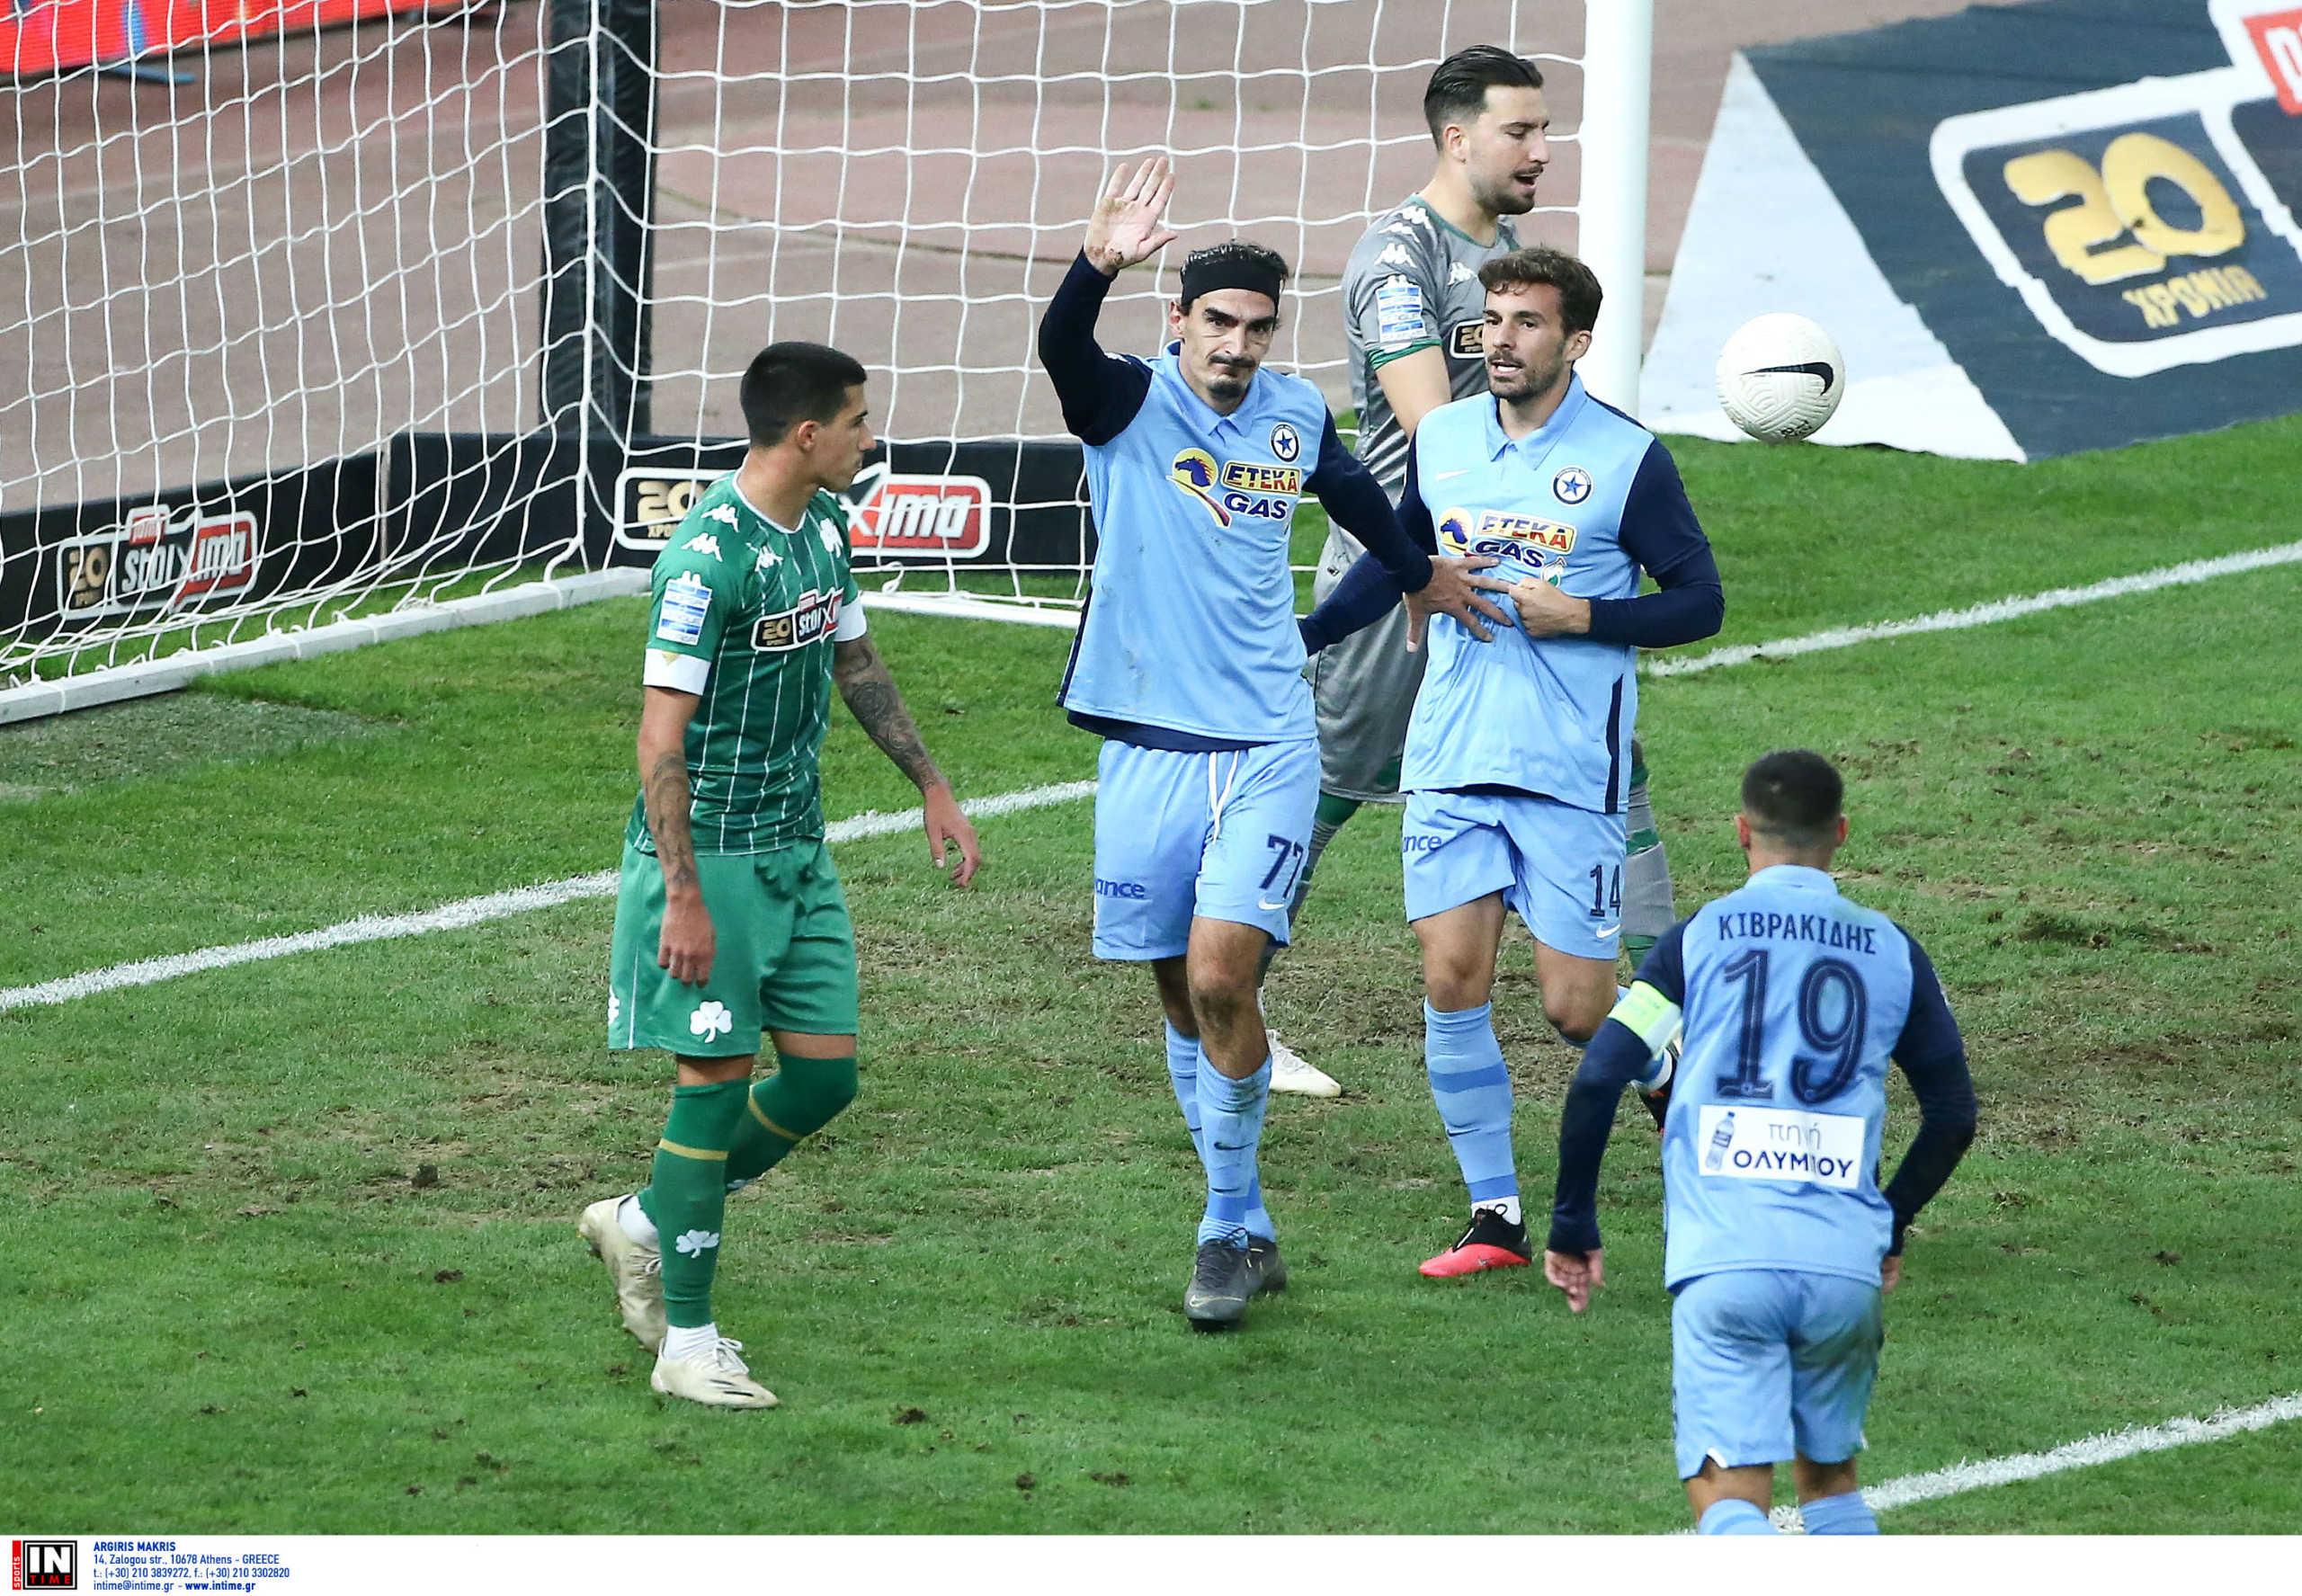 Παναθηναϊκός: Δεν πανηγύρισε το γκολ στο ΟΑΚΑ ο Χριστοδουλόπουλος! video